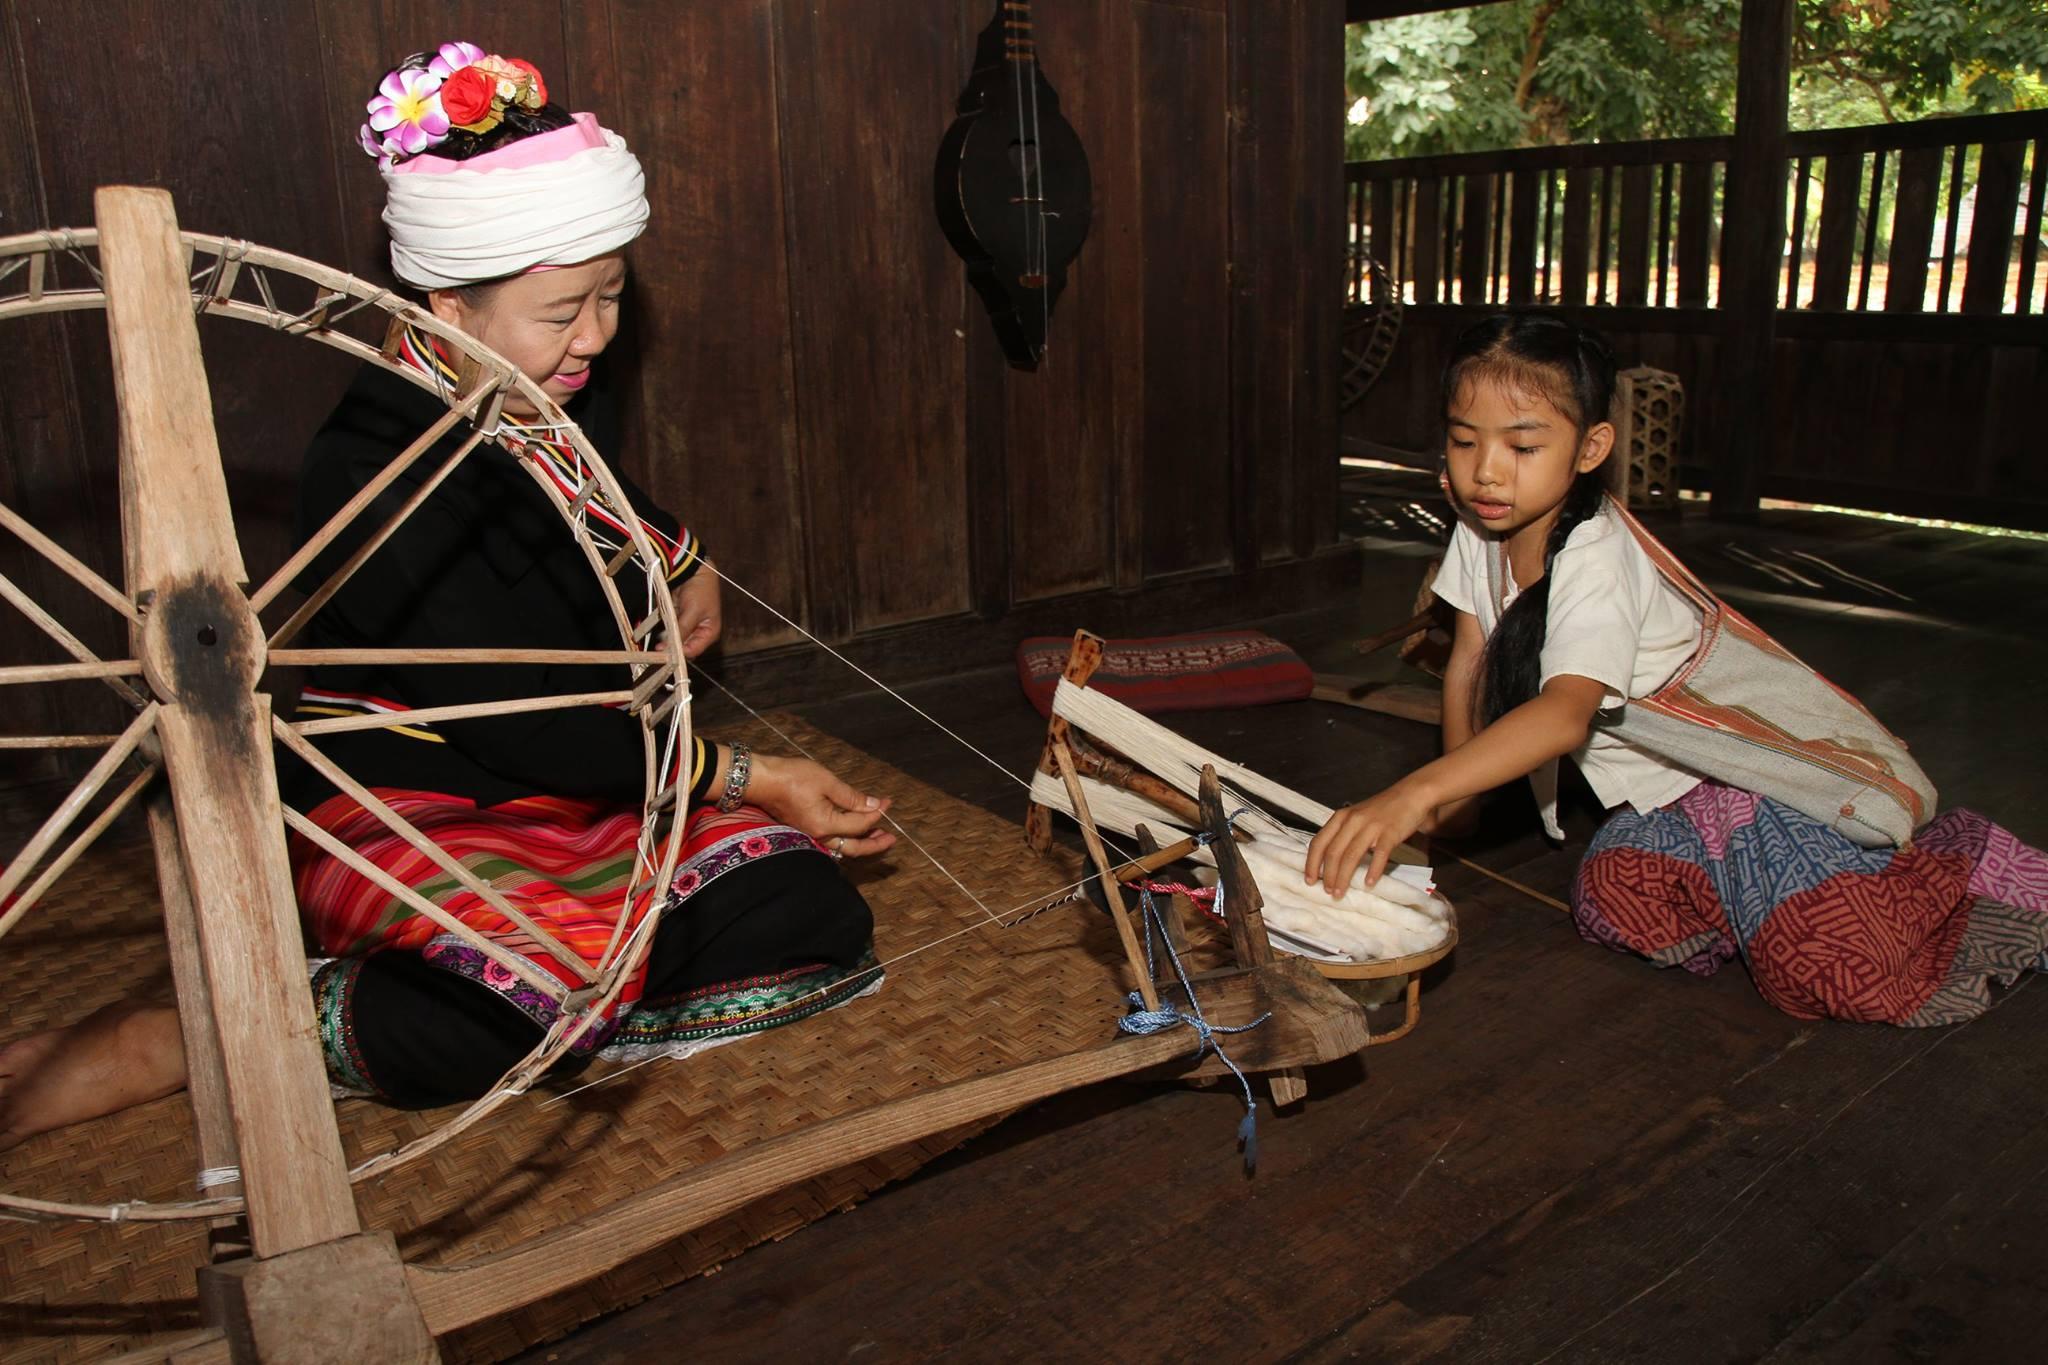 พิธีเปิดงานหมู่บ้านล้านนา : พิพิธภัณฑ์มีชีวิต วิถีชีวิตล้านนา และลานสรวงข่วงศิลป์